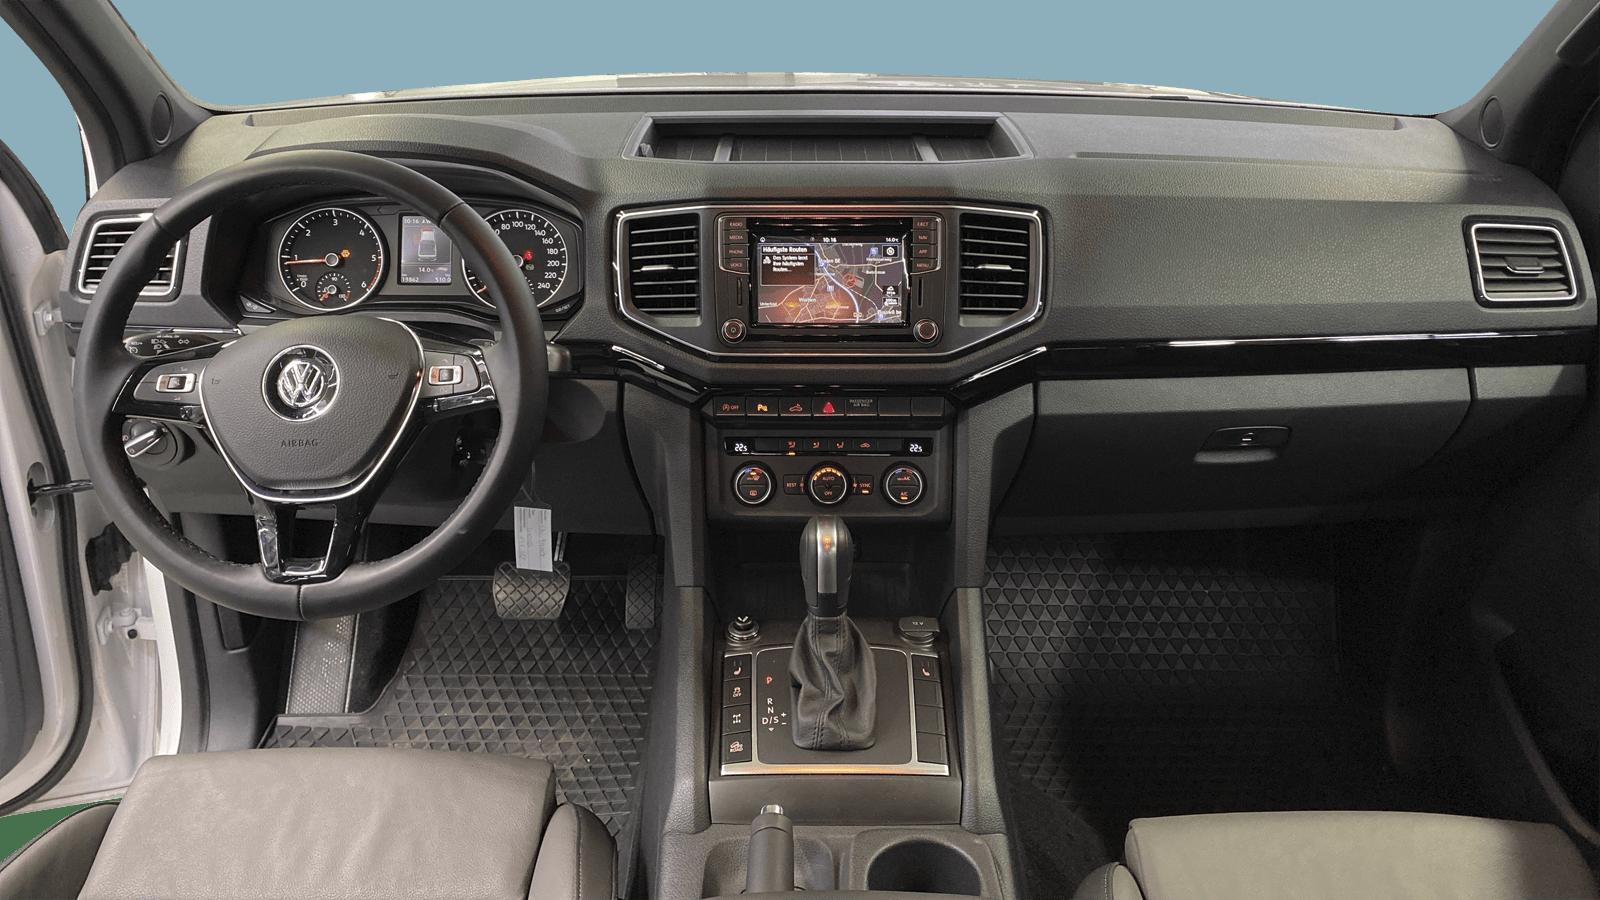 VW Amarok Weiss interior - Clyde Auto-Abo